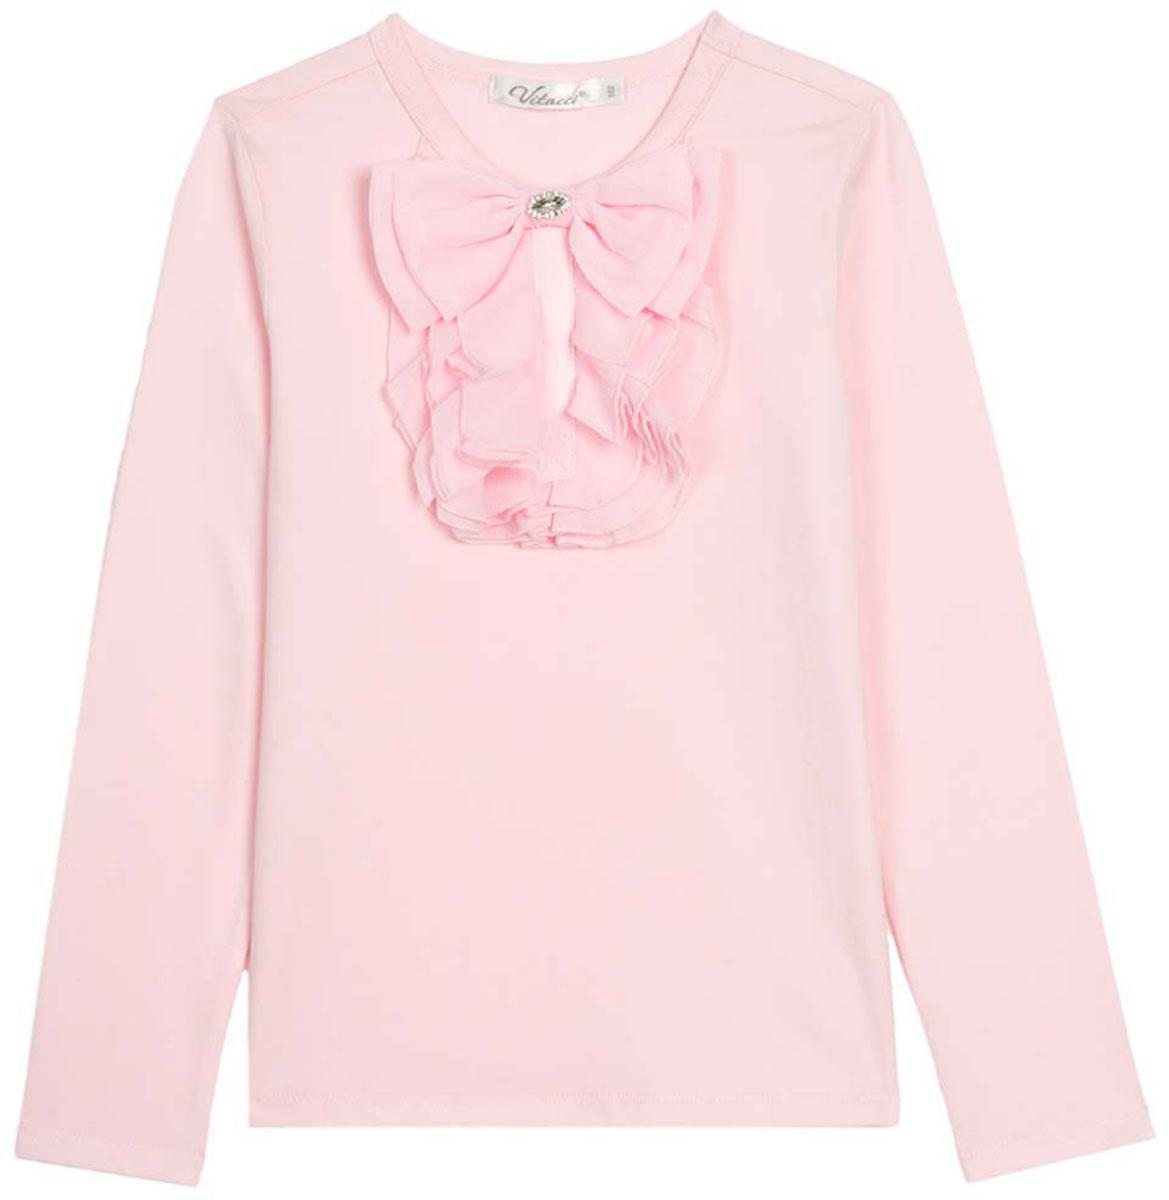 Блузка для девочки Vitacci, цвет: розовый. 2173082-11. Размер 1222173082-11Школьная блузка для девочки от Vitacci выполнена из эластичного хлопкового трикотажа. Модель с длинными рукавами и круглым вырезом горловины на полочке оформлена жабо.